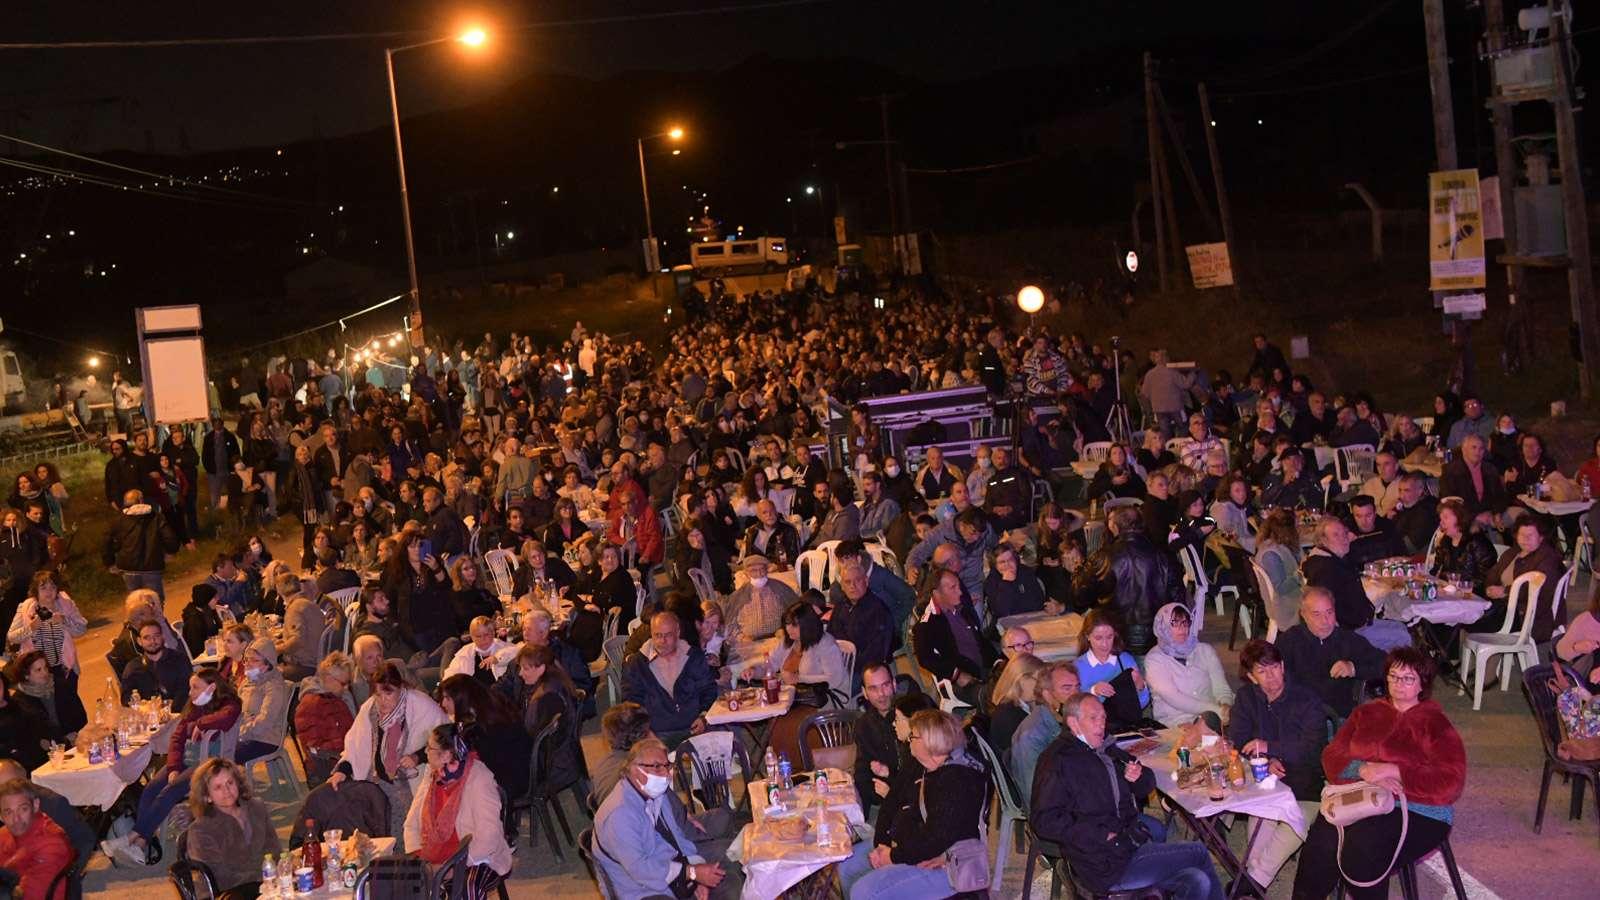 strofilia μεγάλη συναυλία αλληλεγγύης διεκδίκησης Στροφιλιάς 2